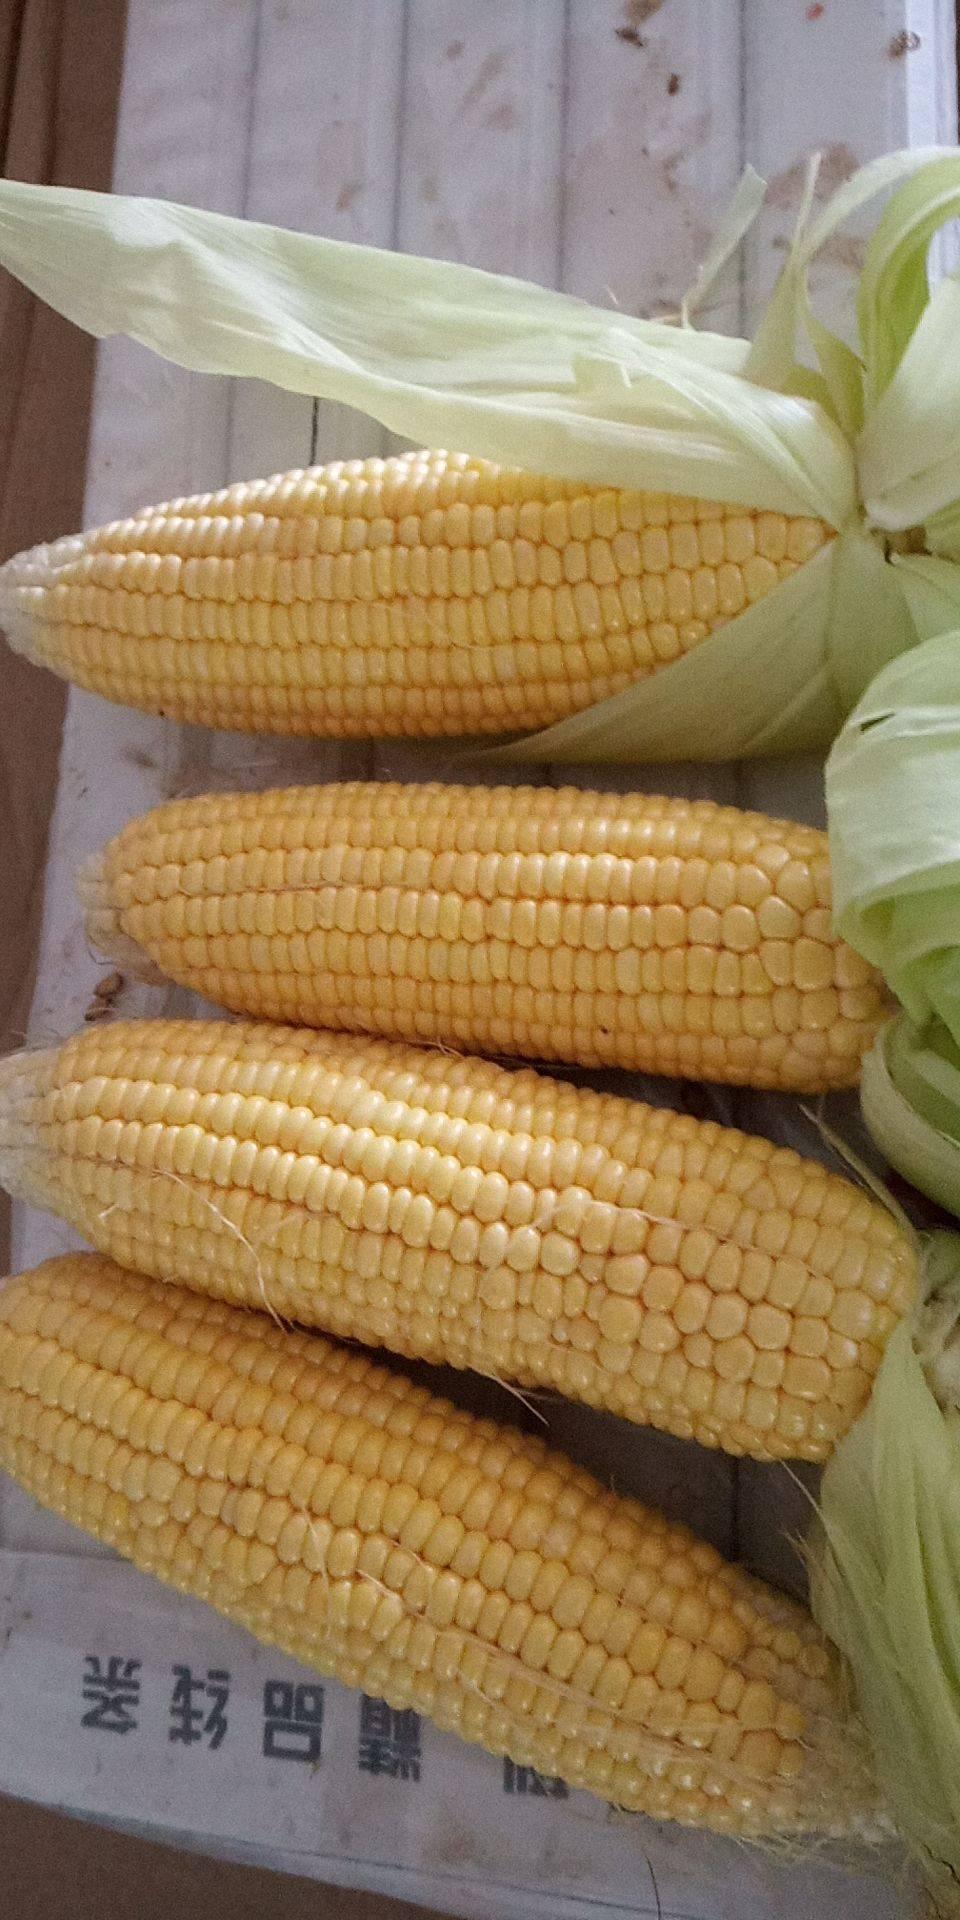 太阳3号玉米 甜 带壳